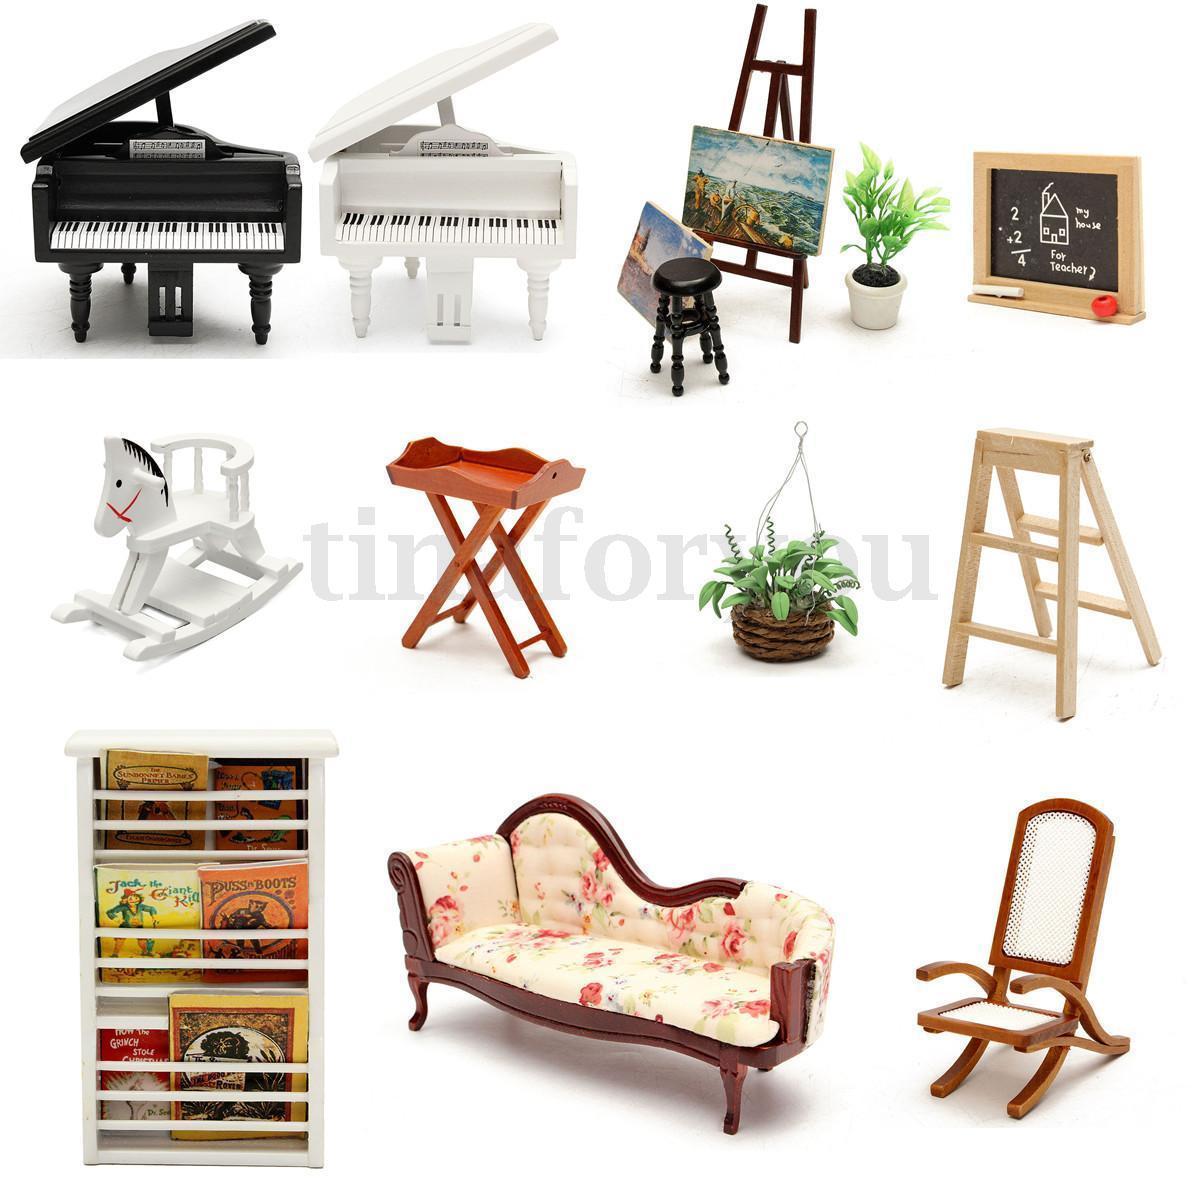 Furniture clipart bedroom item Teabj Download House Furniture Room